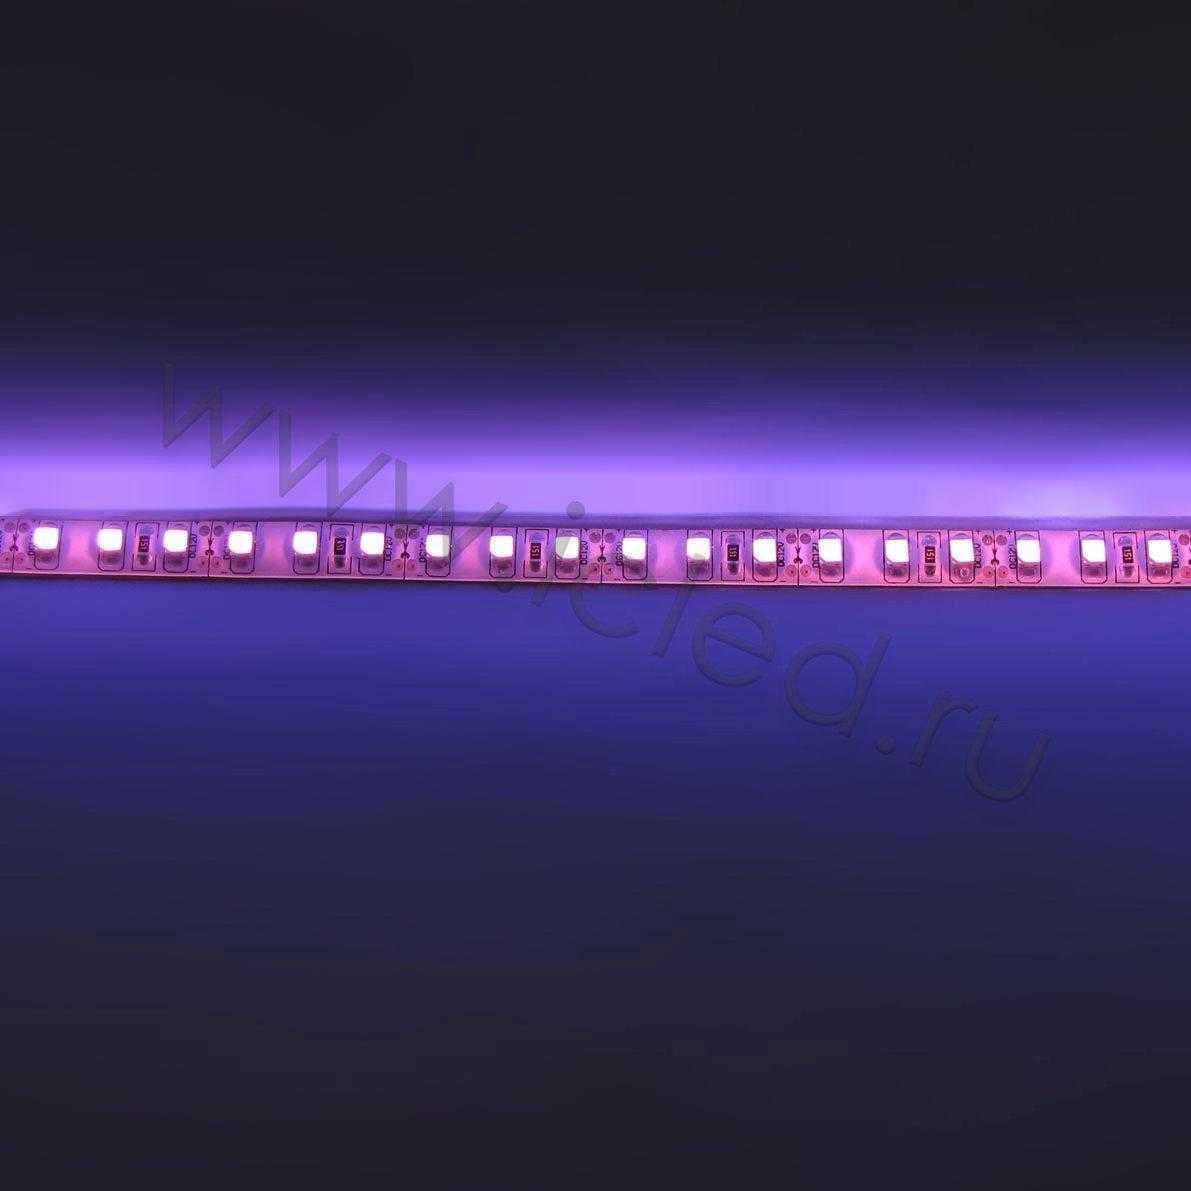 ветодиодная лента Class B, 3528, 120 led/m, Purple,12V, IP65